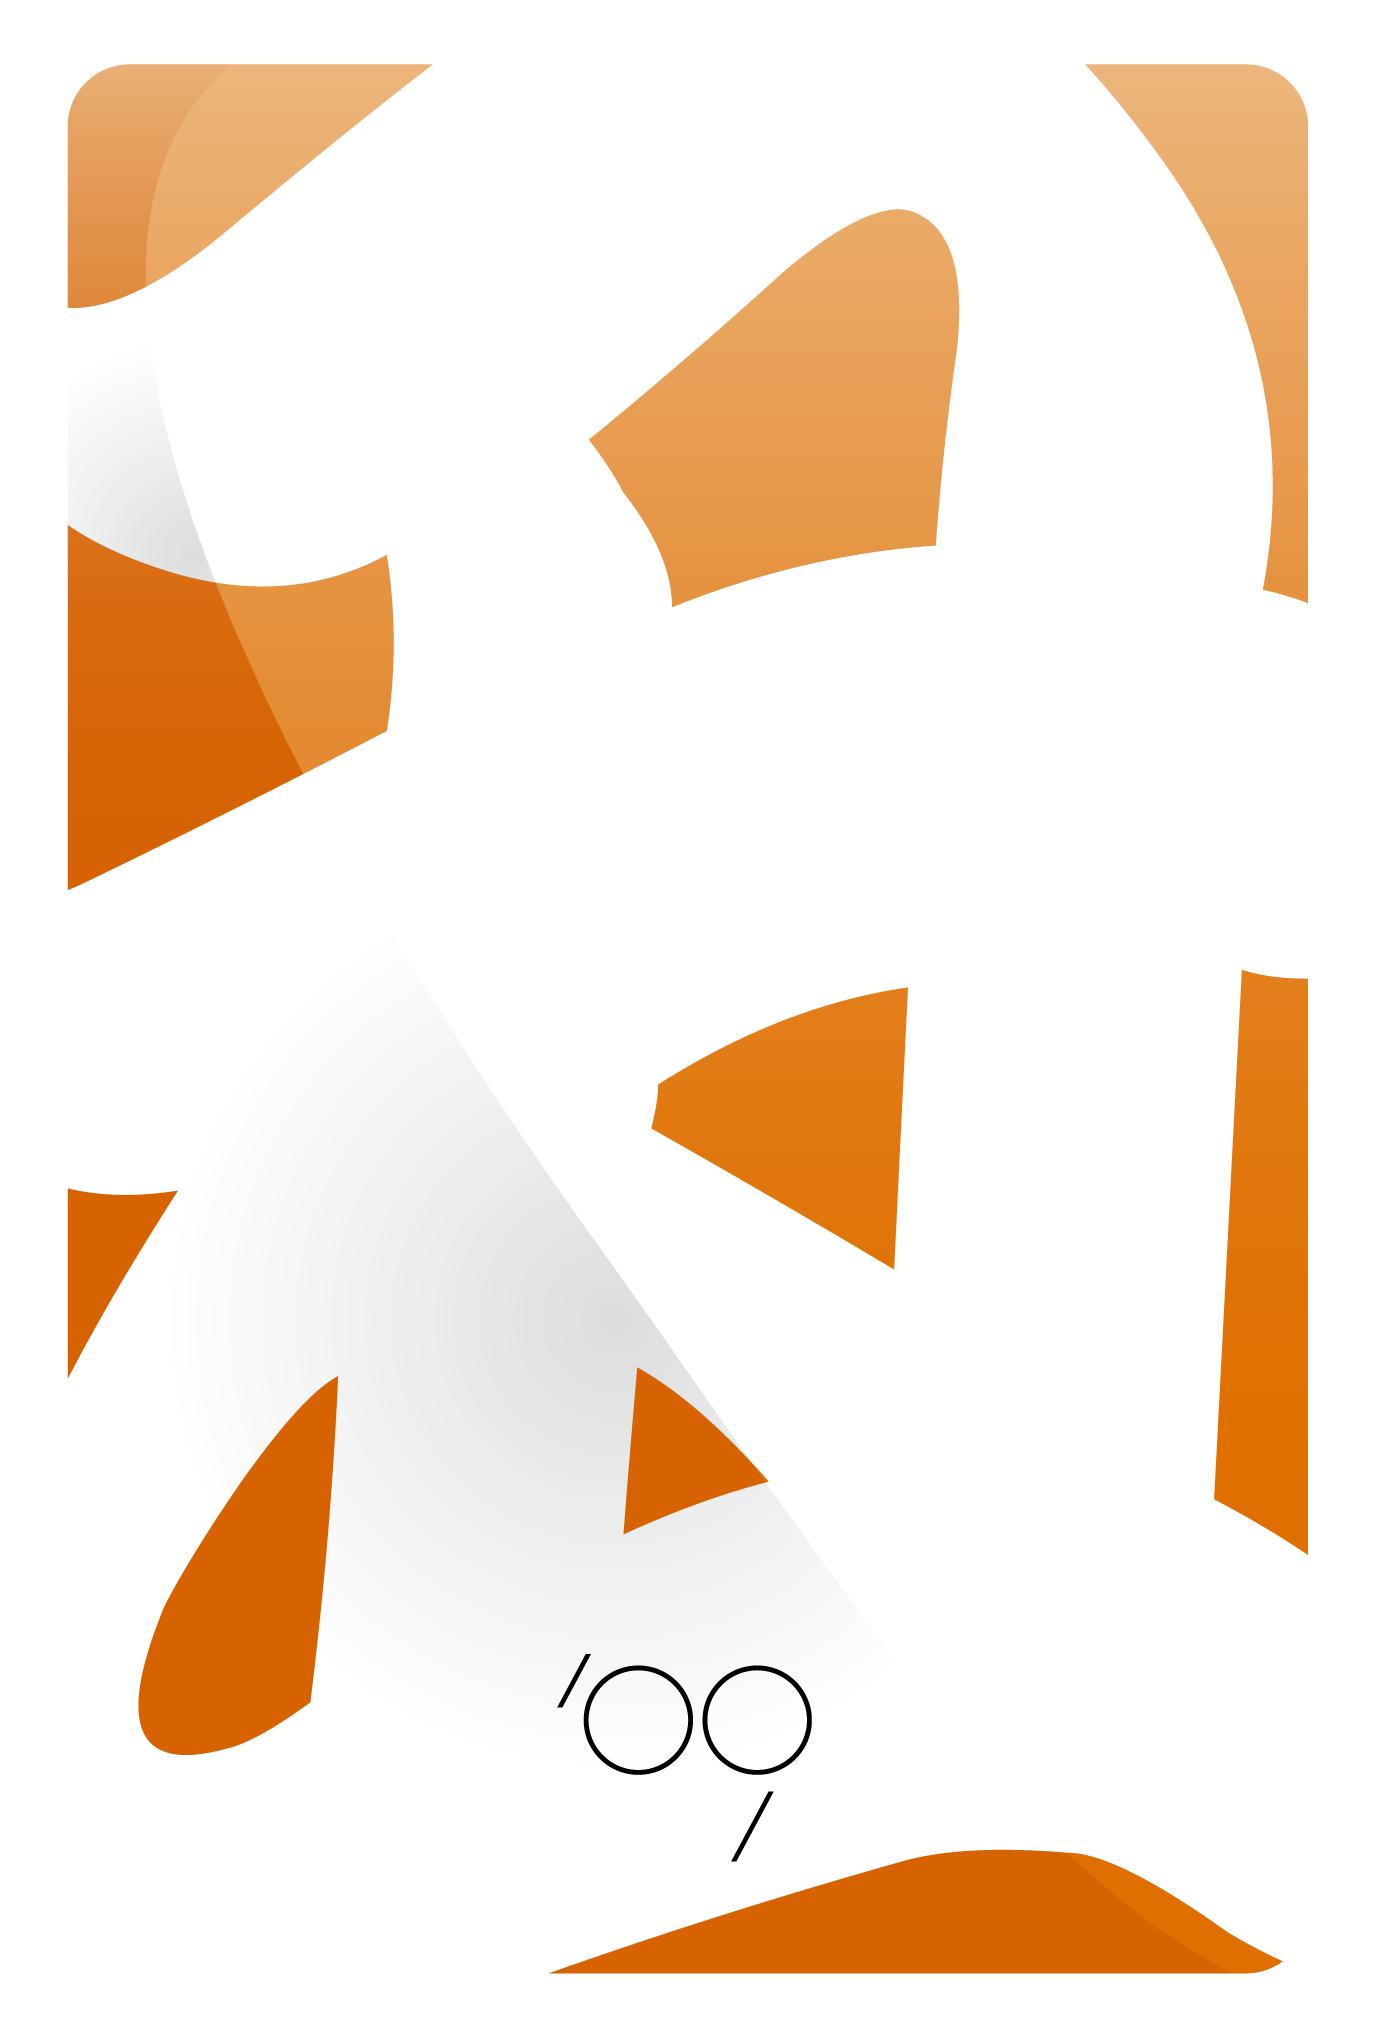 2009年賀状04:江戸勘亭流(丑)リッチのダウンロード画像